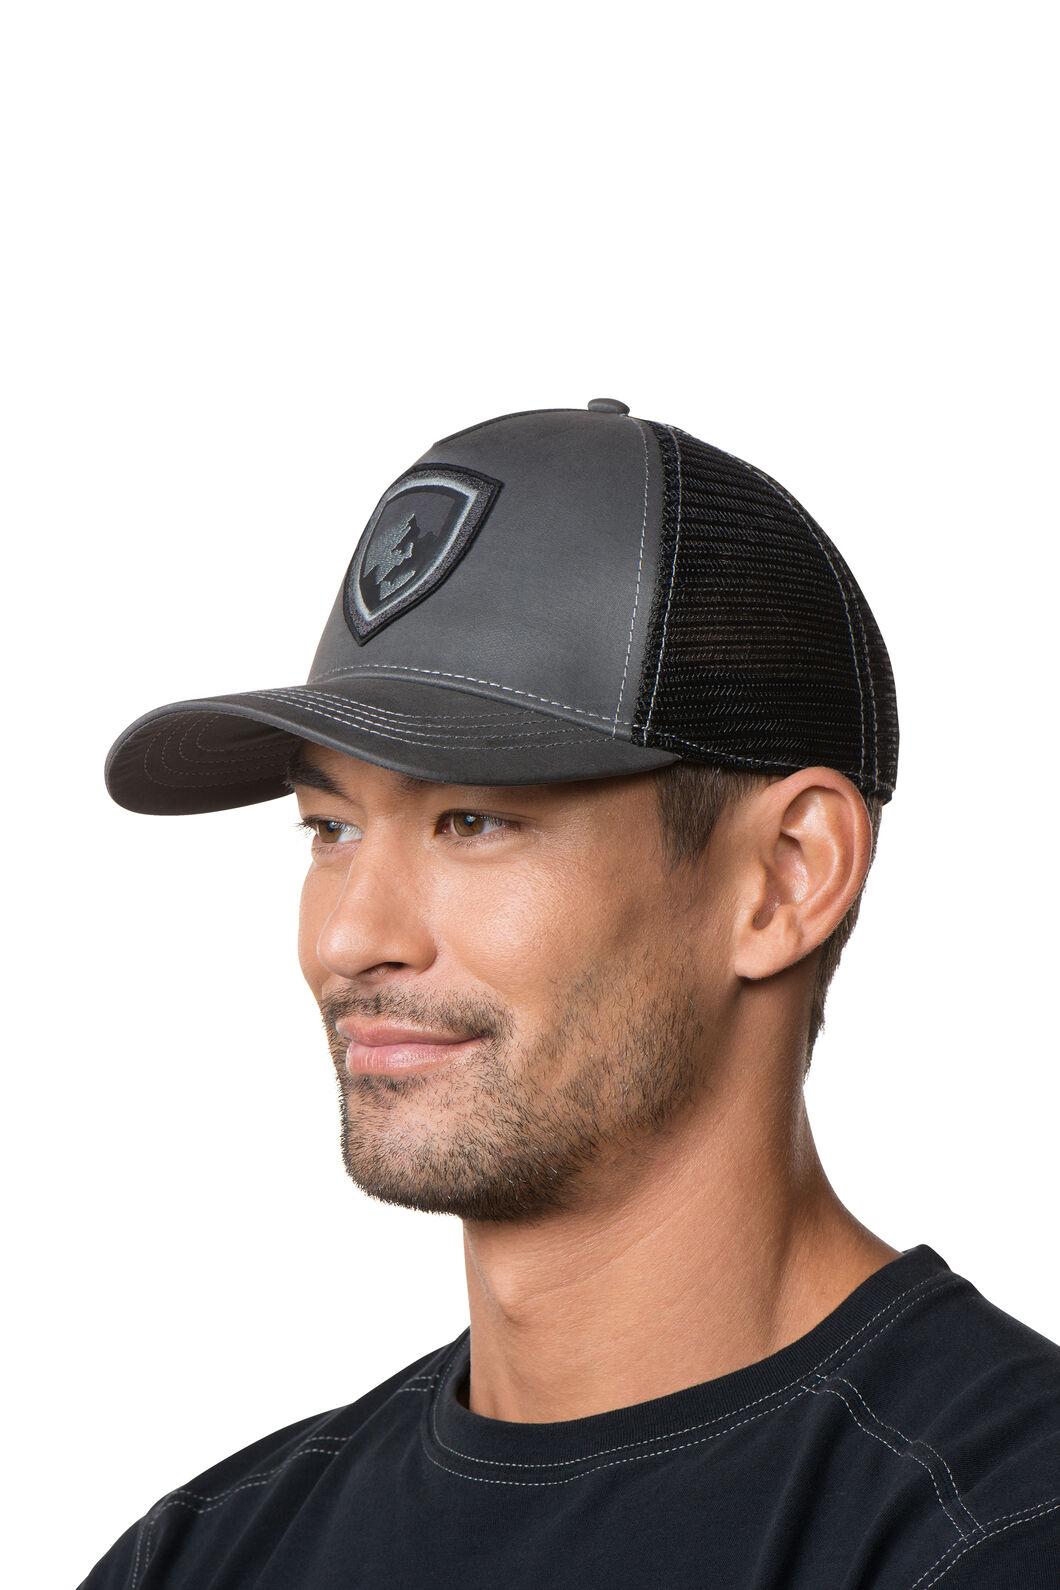 Kuhl Outlandr Hat, Carbon, hi-res